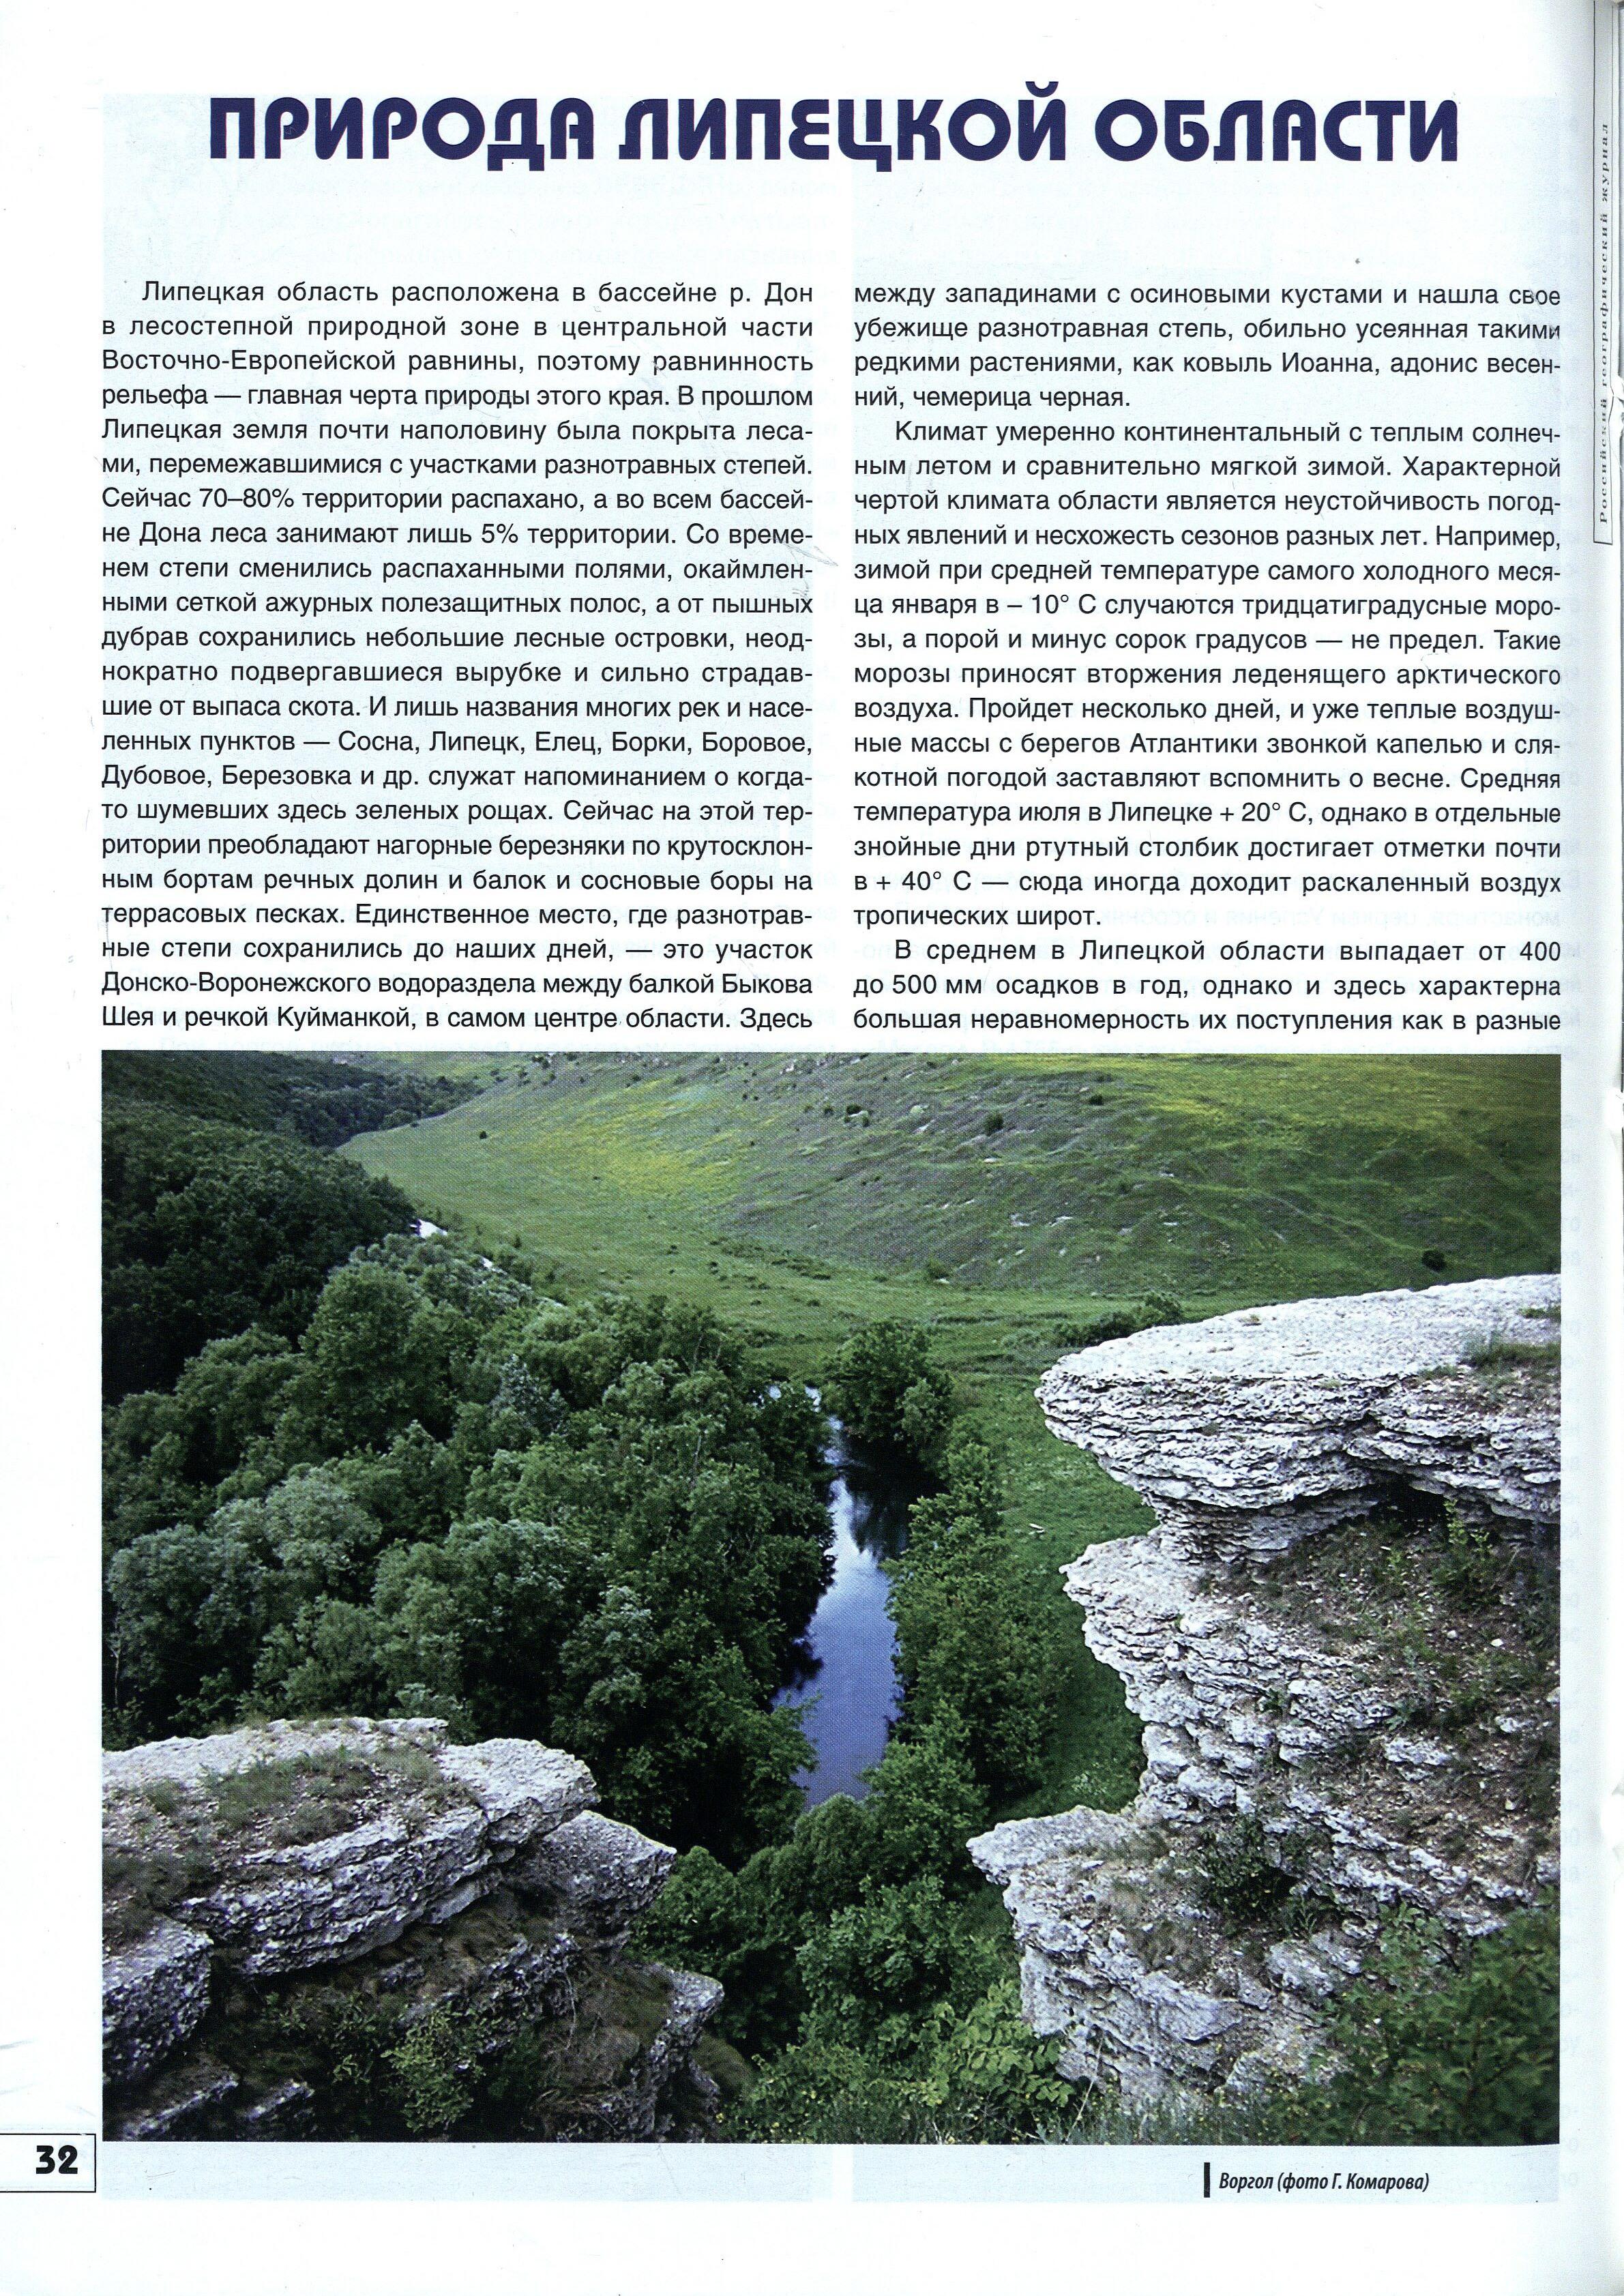 Доклад города липецкой области 4456